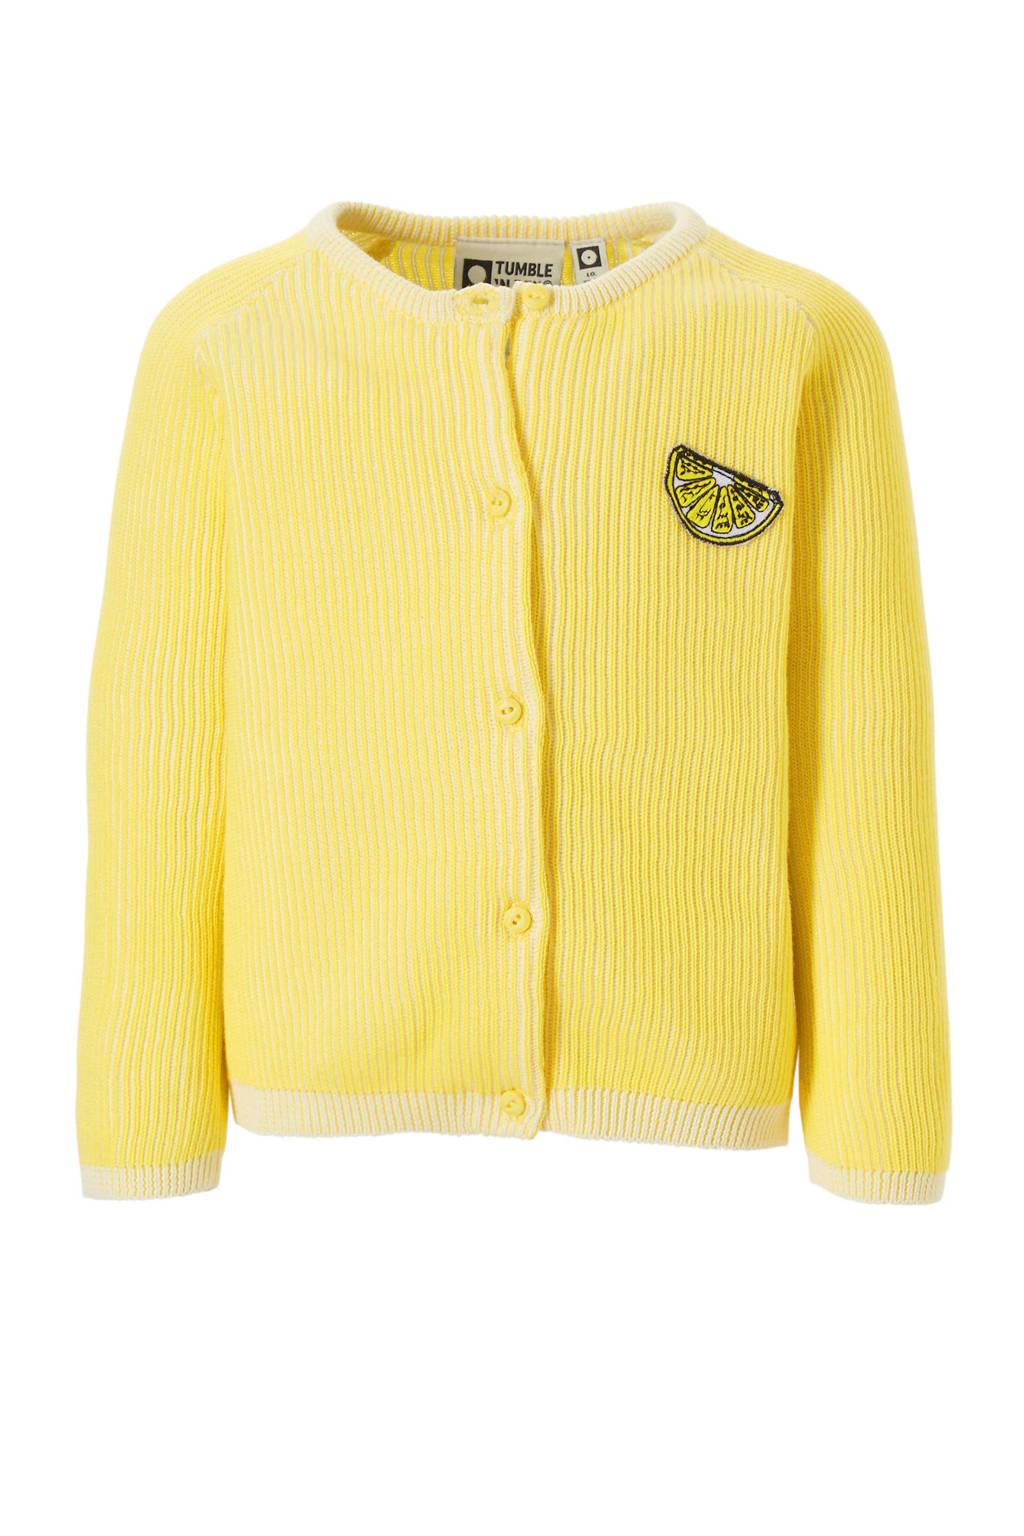 Tumble 'n Dry Lo vest Enos - geel, lemon zest